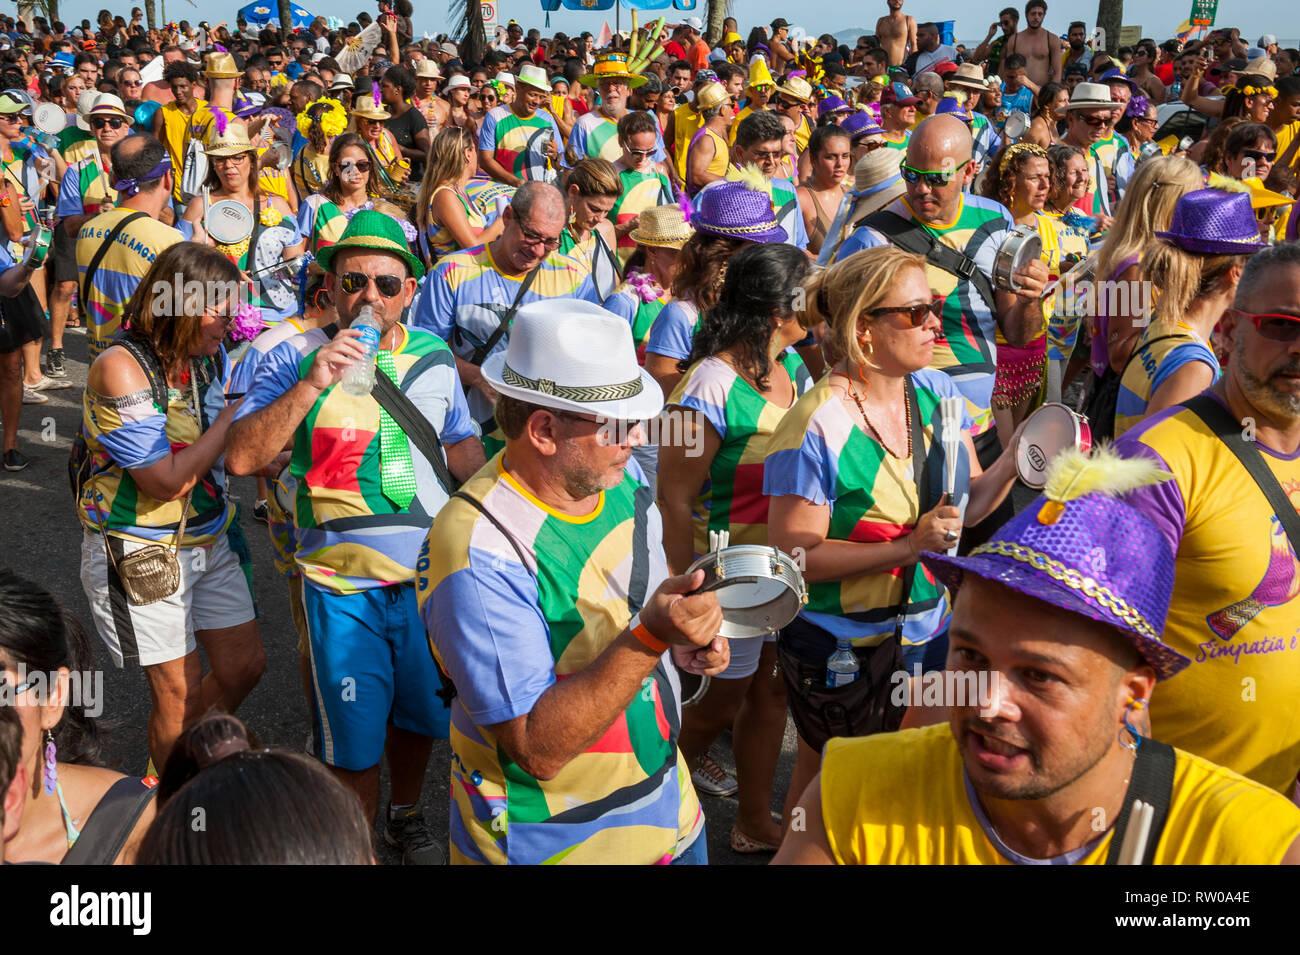 RIO DE JANEIRO - Febrero 07, 2015: La Simpatia e quase Amor Carnaval banda fiesta callejera asume la Avenida Vieira Souto en la playa de Ipanema. Imagen De Stock